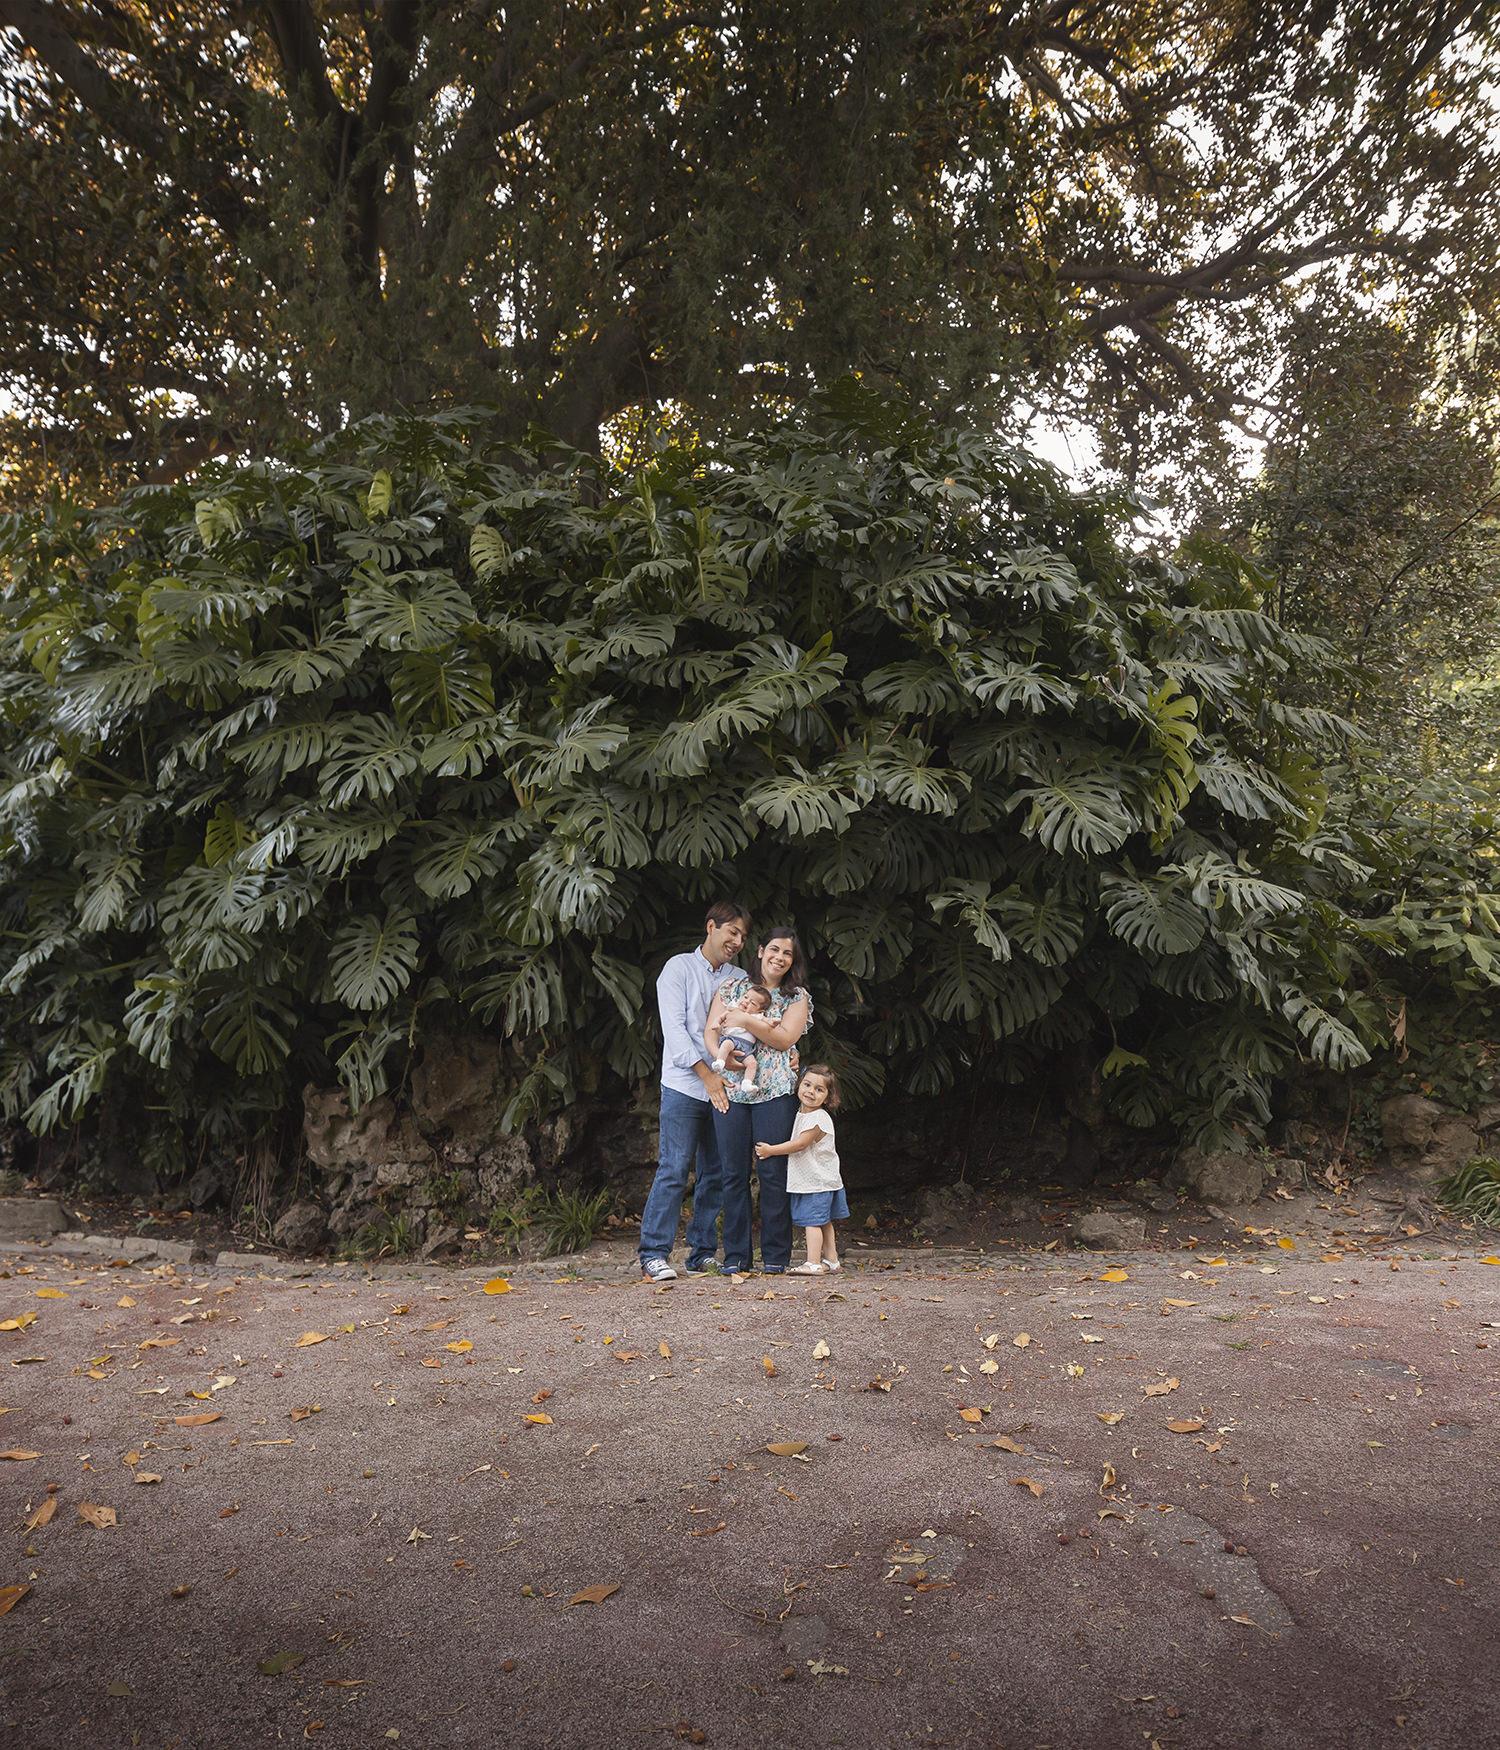 lisbon-family-photographer-terra-fotografia-35.jpg